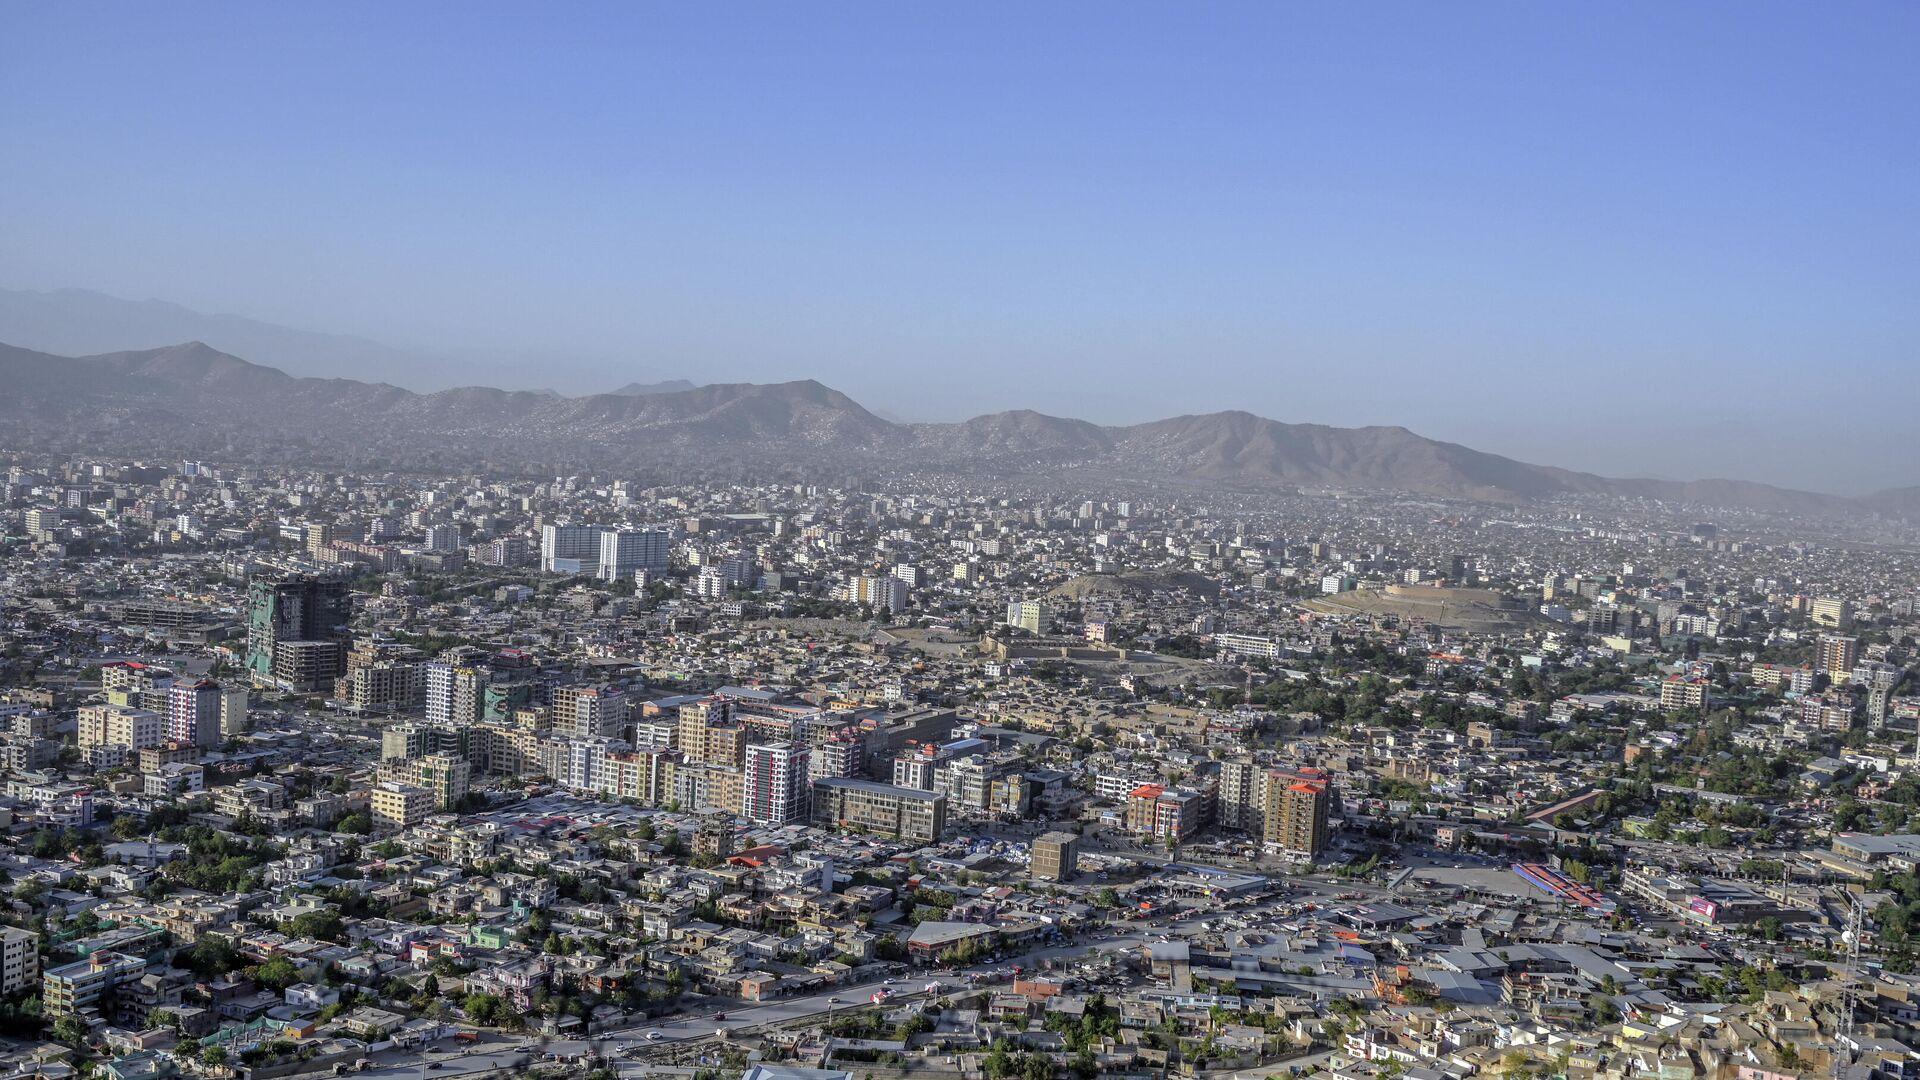 Kabul - SNA, 1920, 16.09.2021